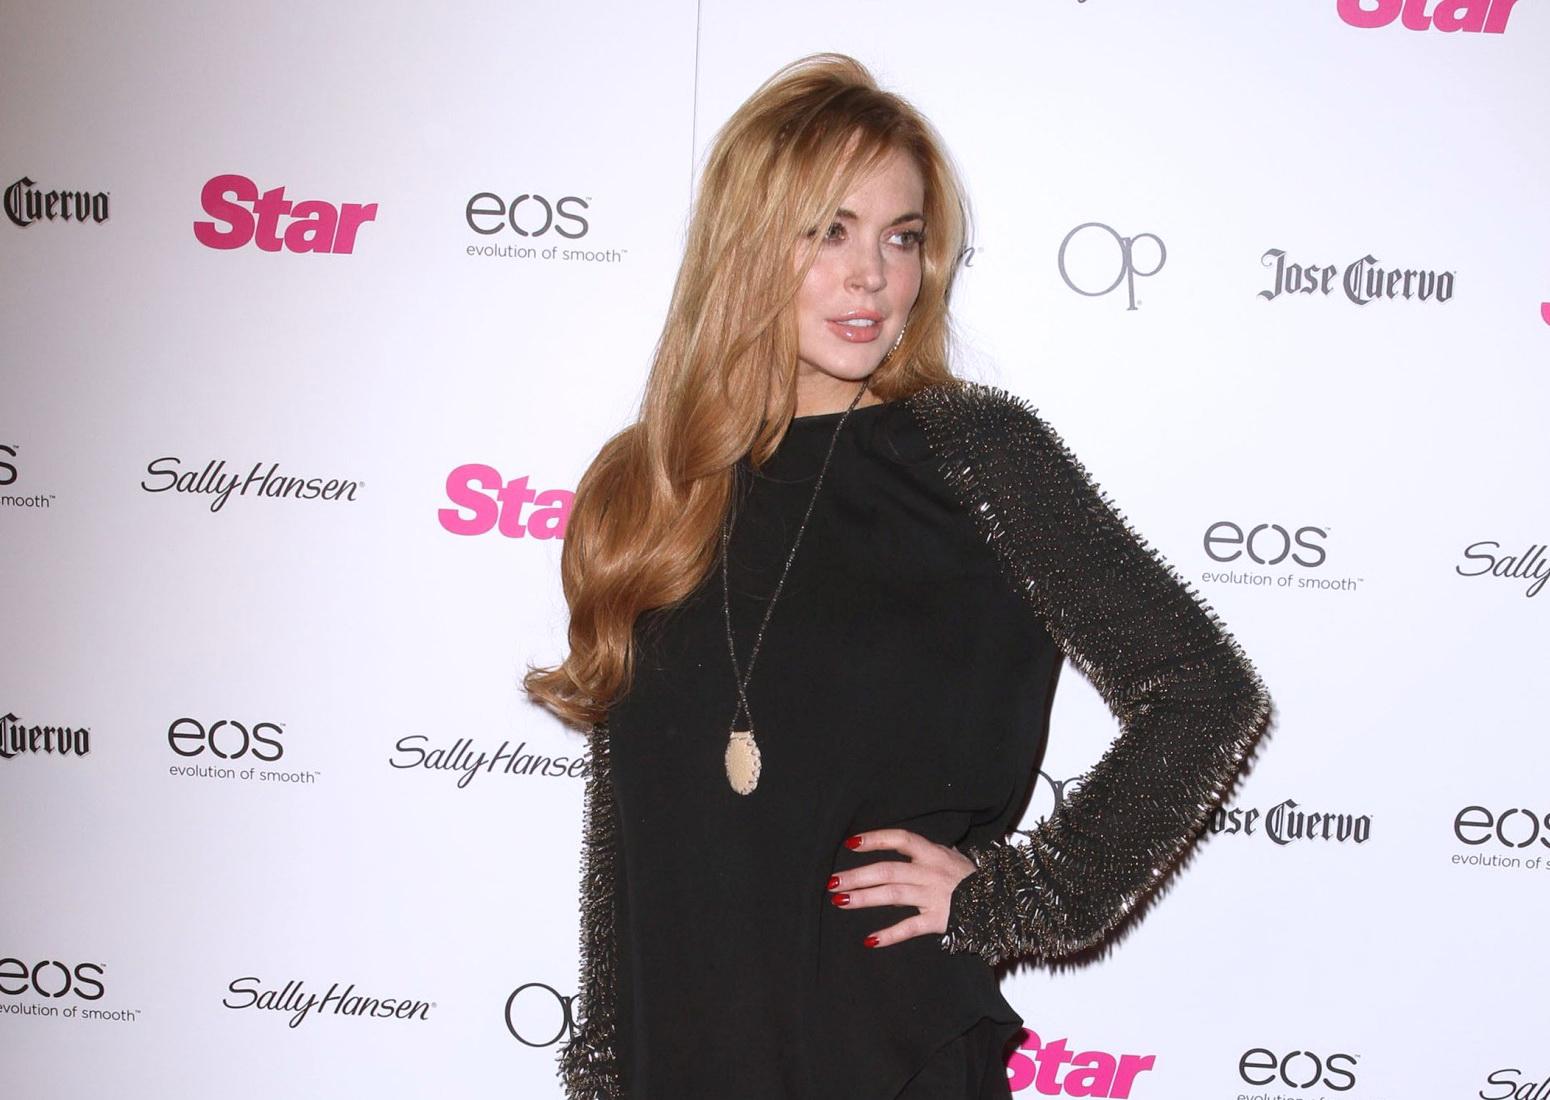 http://2.bp.blogspot.com/-kVRa2iW9iio/T5sSBlA8DTI/AAAAAAAACiE/013g68zM-iU/s1600/Lindsay_Lohan_2012_Star_Magazine_All_Hollywood_Event-00.jpg